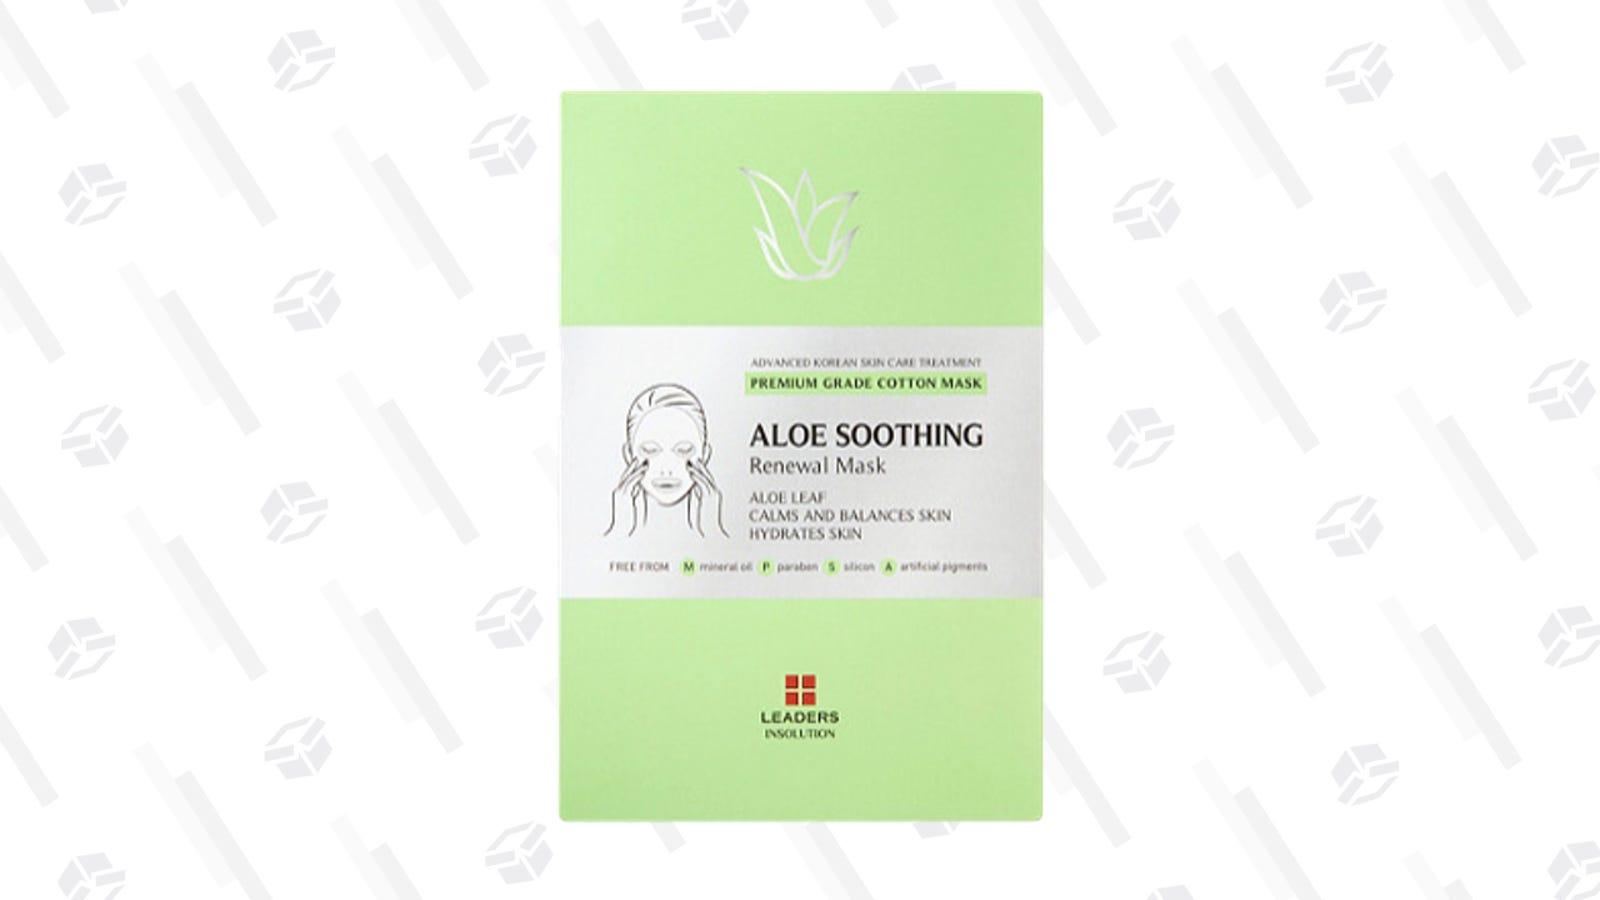 Leaders Aloe Soothing Renewal Mask | $5 | Ulta